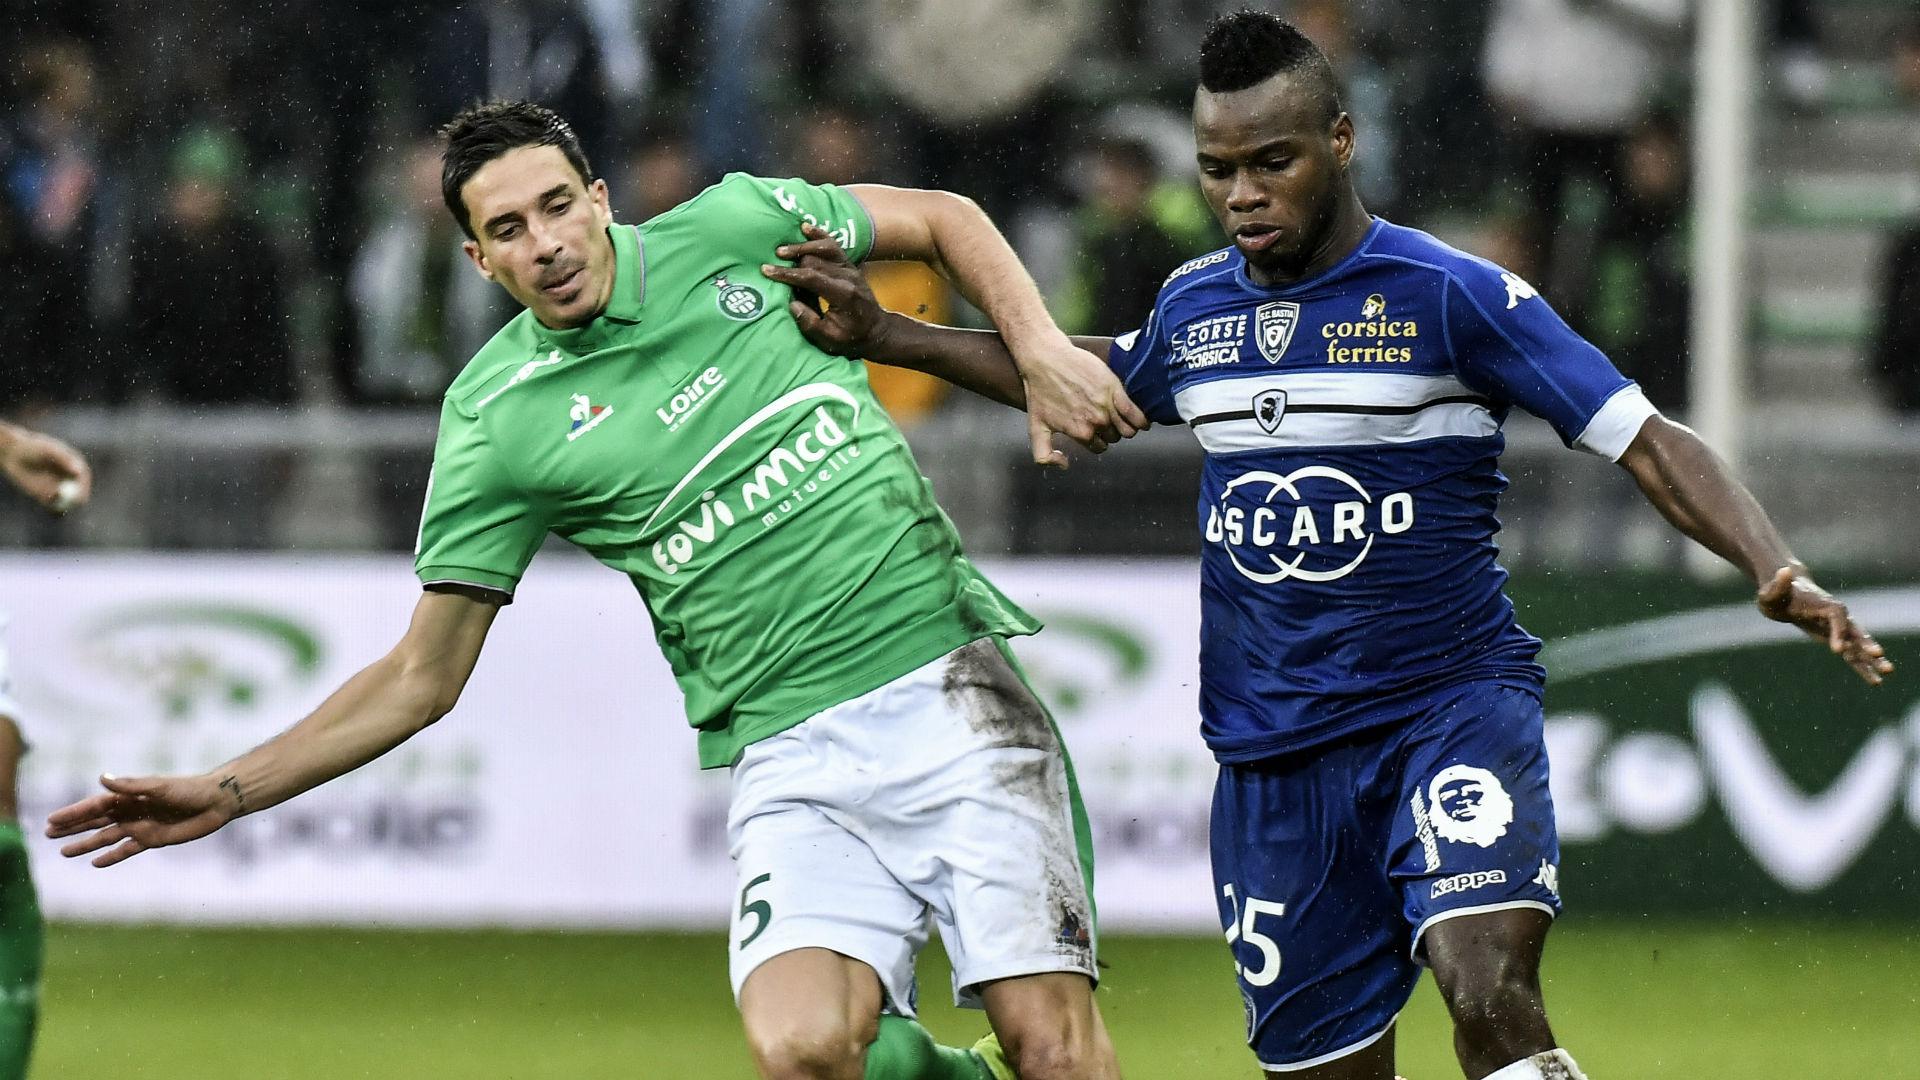 Lassana Coulibaly Vincent Pajot Saint-Etienne Bastia Ligue 1 18092016